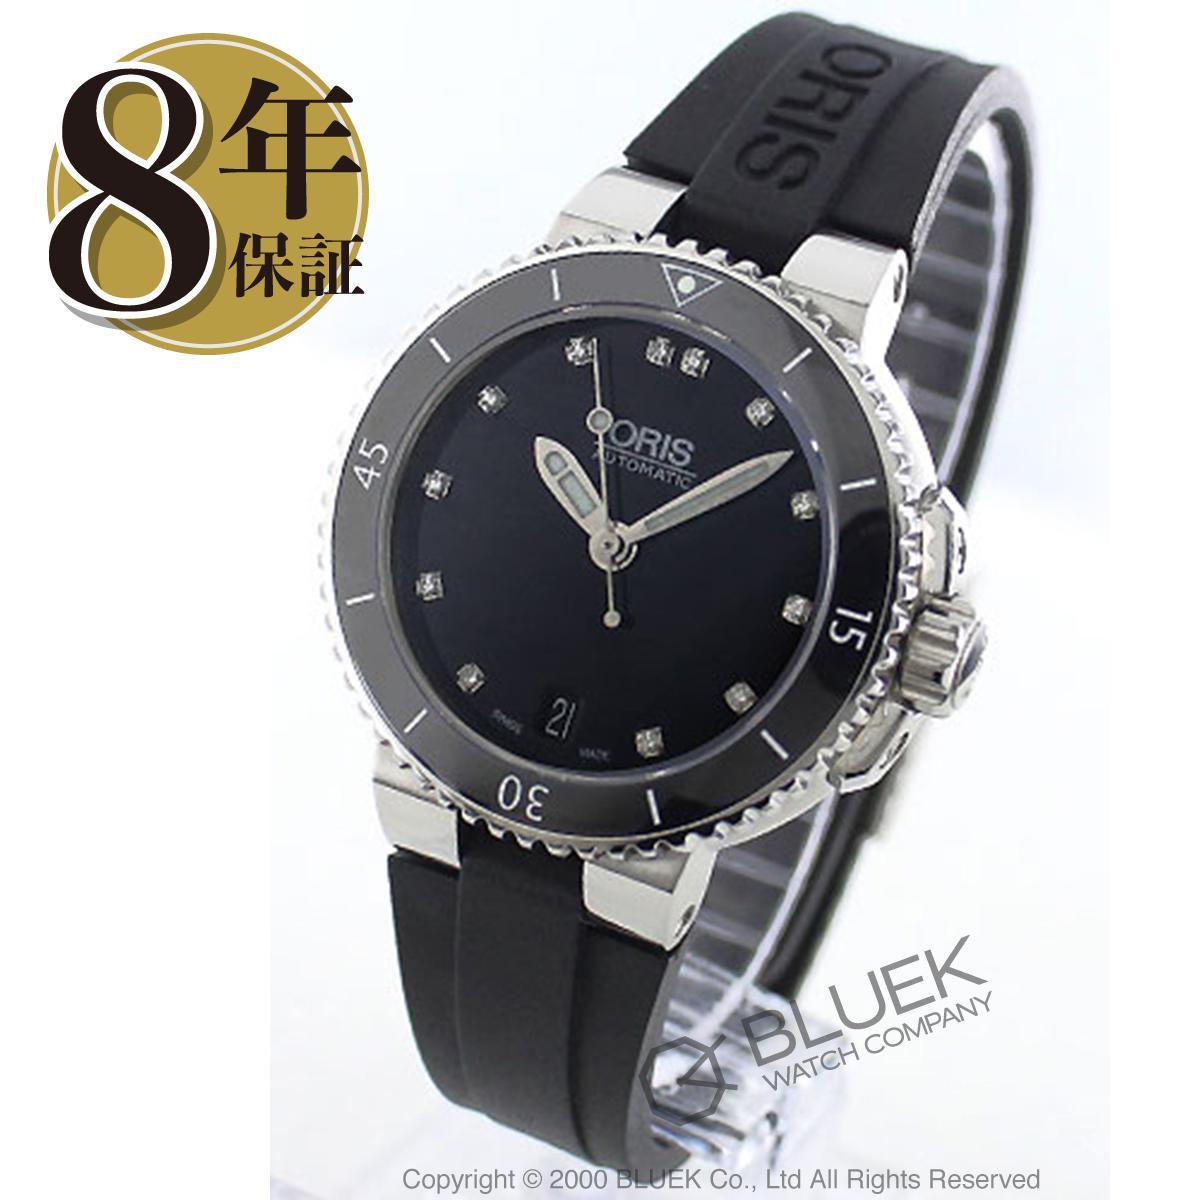 オリス ORIS 腕時計 アクイス ダイヤ 300m防水 レディース 733 7652 4194R_8